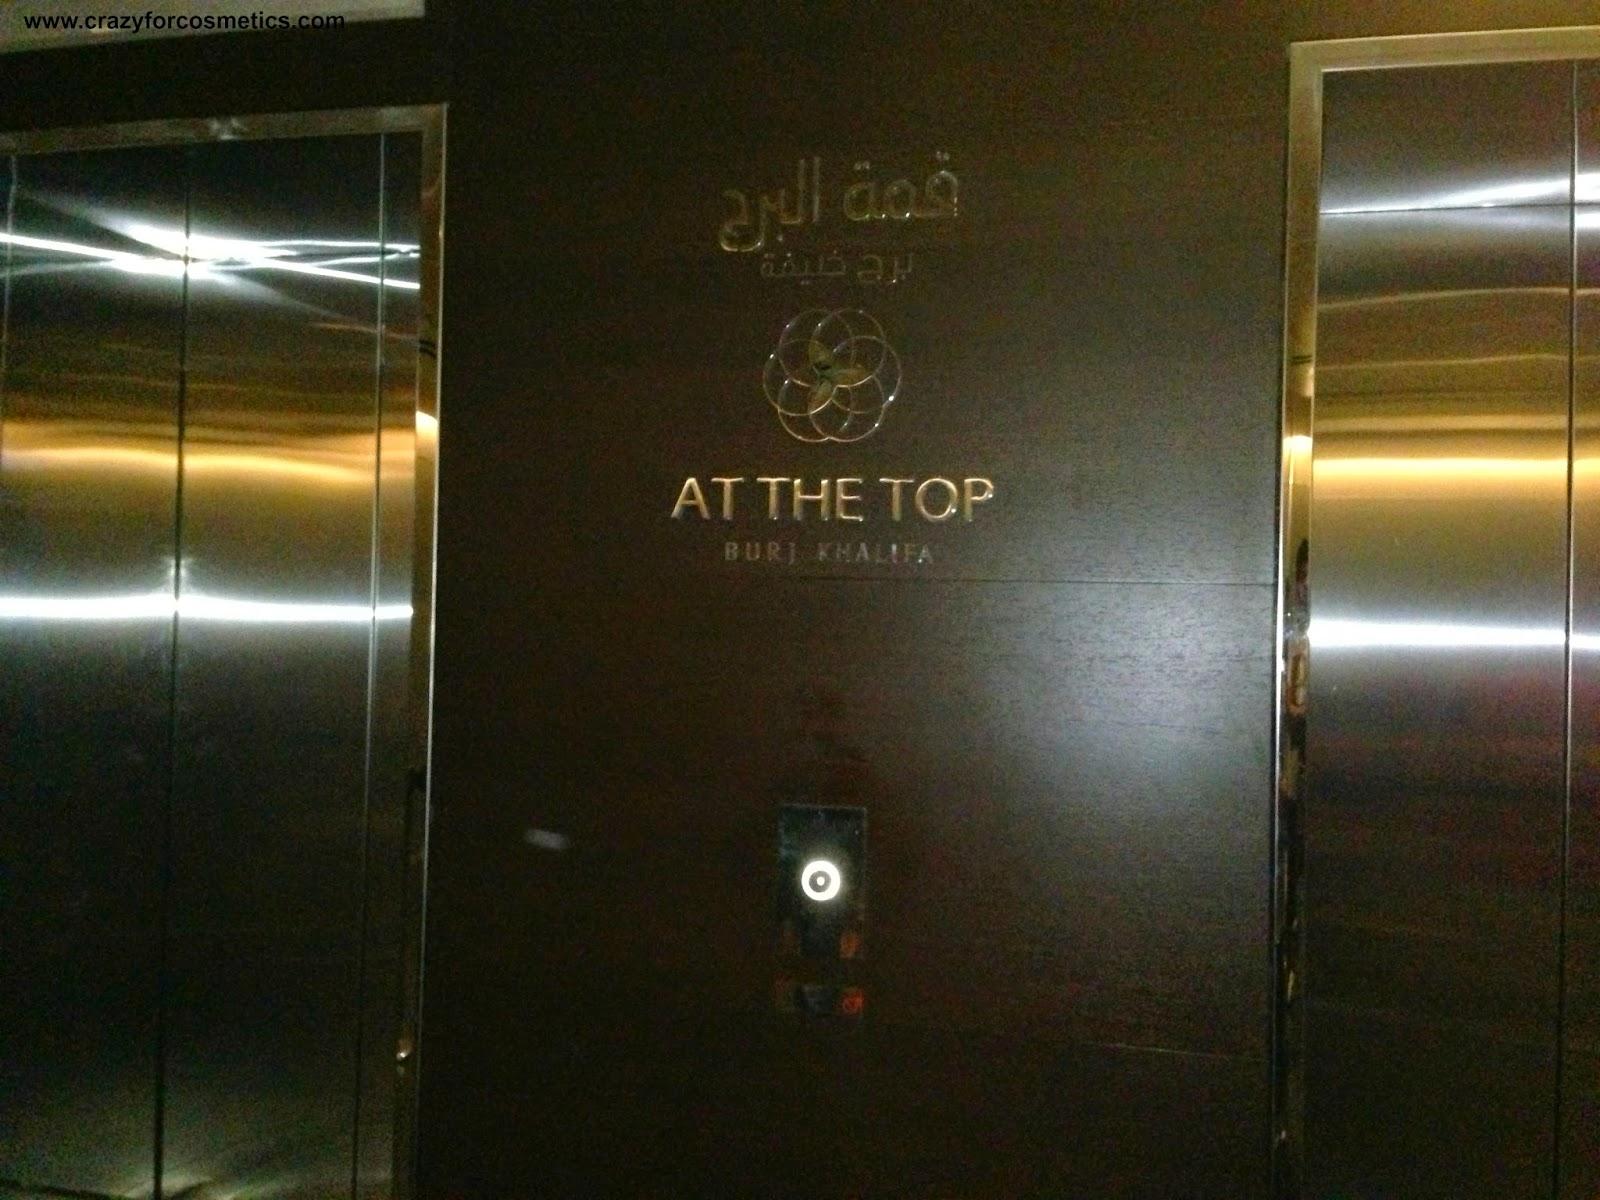 Dubai Trip Planner-Dubai Trip Itinerary- Dubai Hotels Review-Dubai Trip packages-Burj Khalifa Dubai Views-Dubai Autodrome Trip-Dubai Laser Tag – Burj Khalifa Trip-Burj Khalifa views